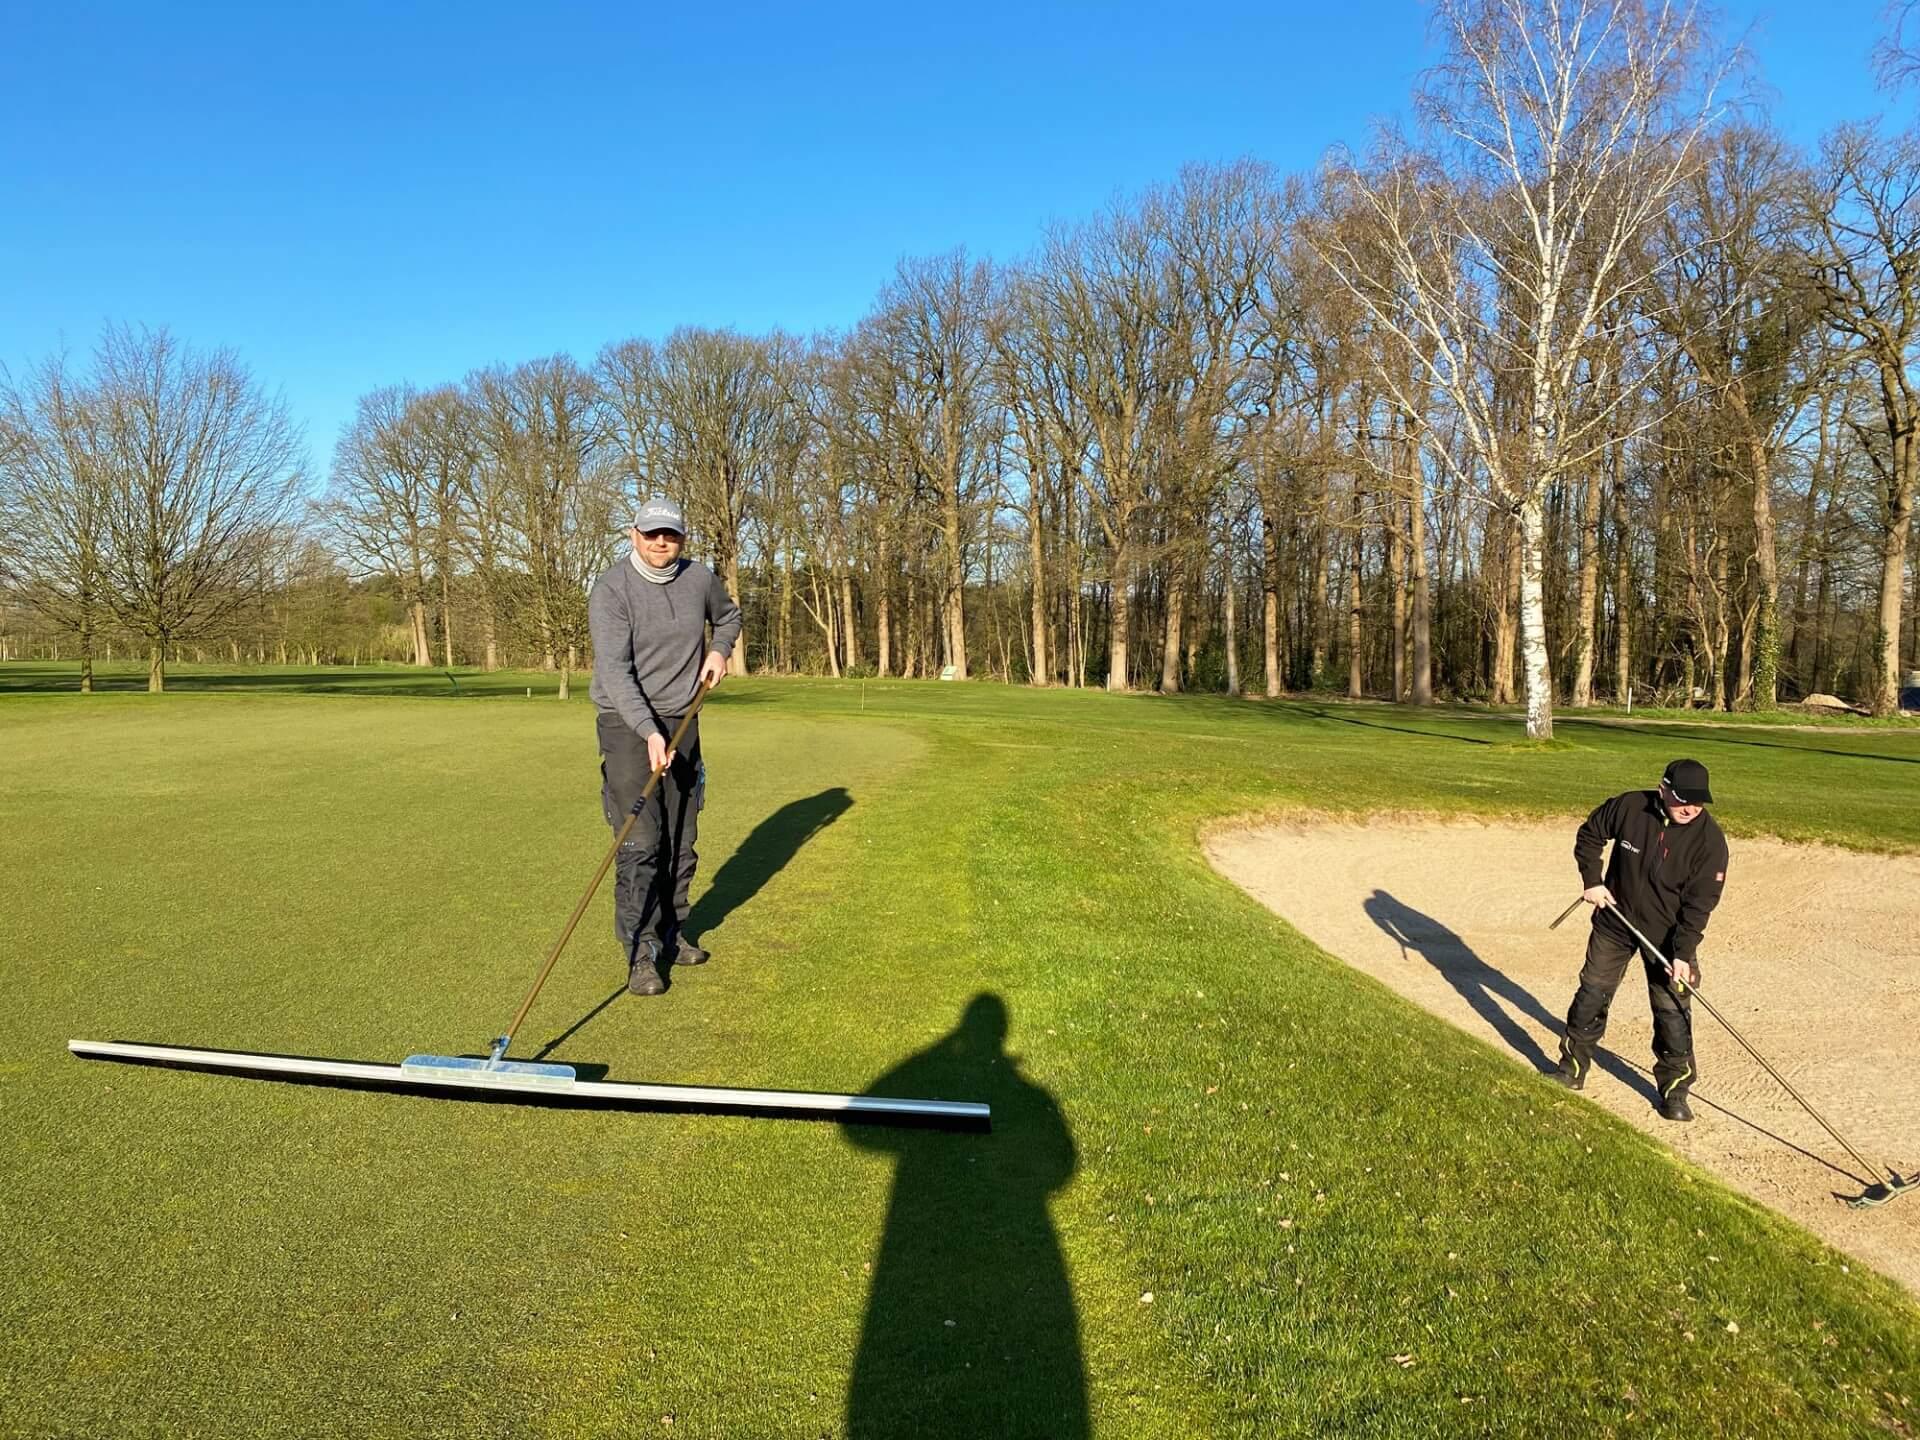 https://golfclub-peckeloh.de/wp-content/uploads/2020/04/Zuhause_bleiben_Header_5348.jpg